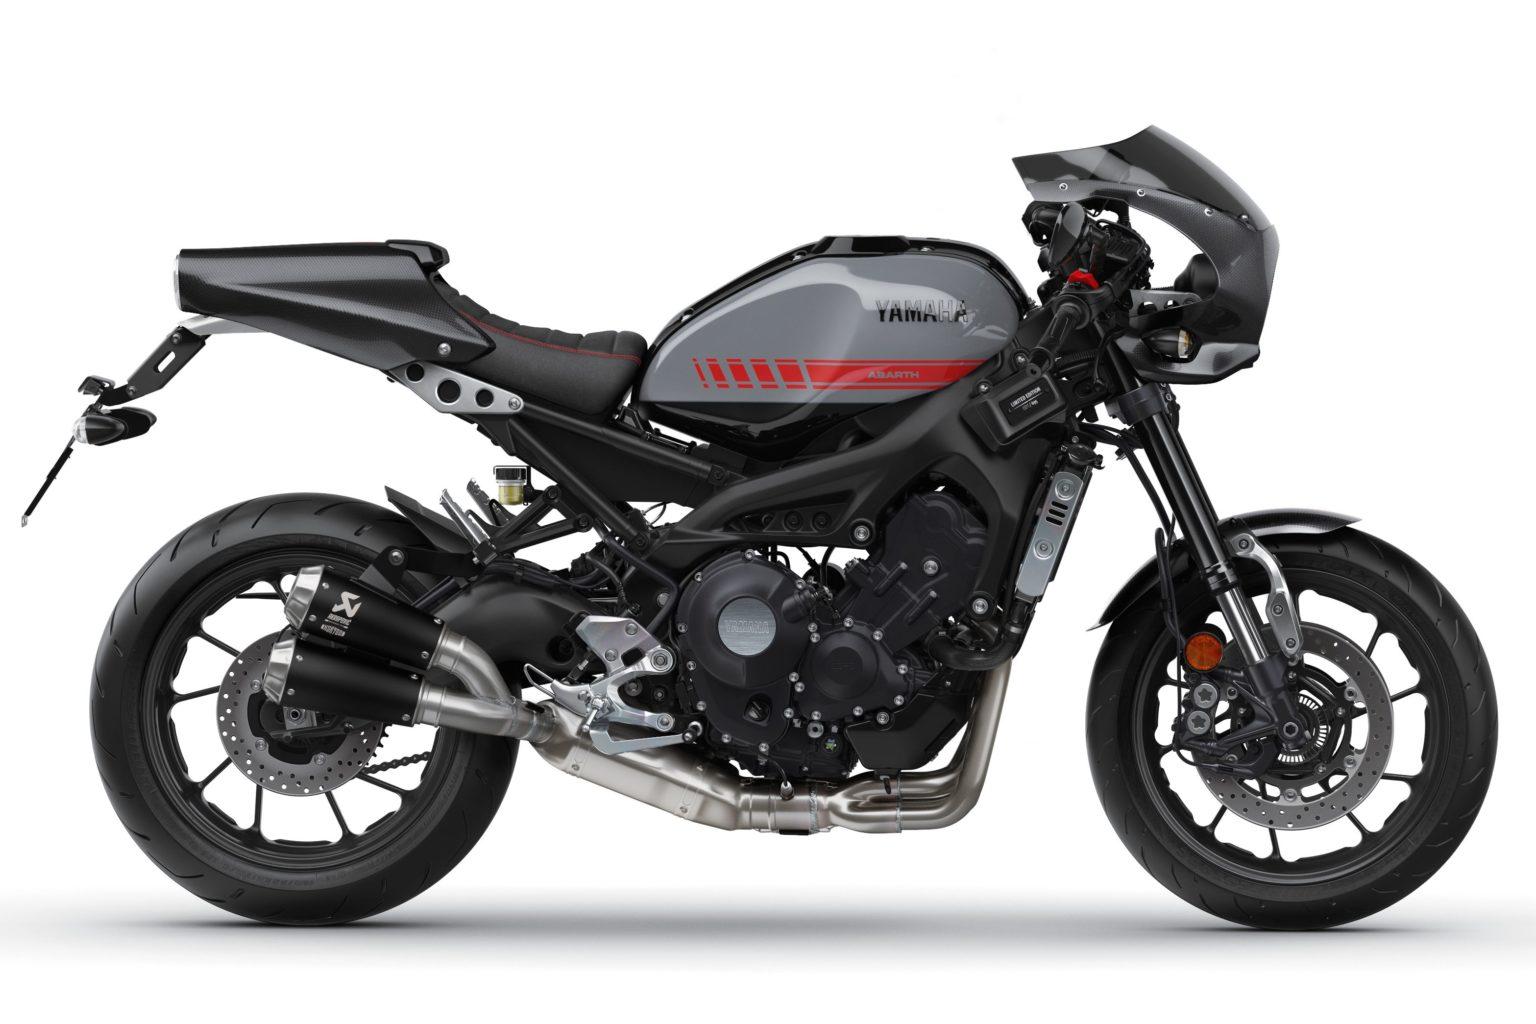 2017 Yamaha XSR900 Abarth